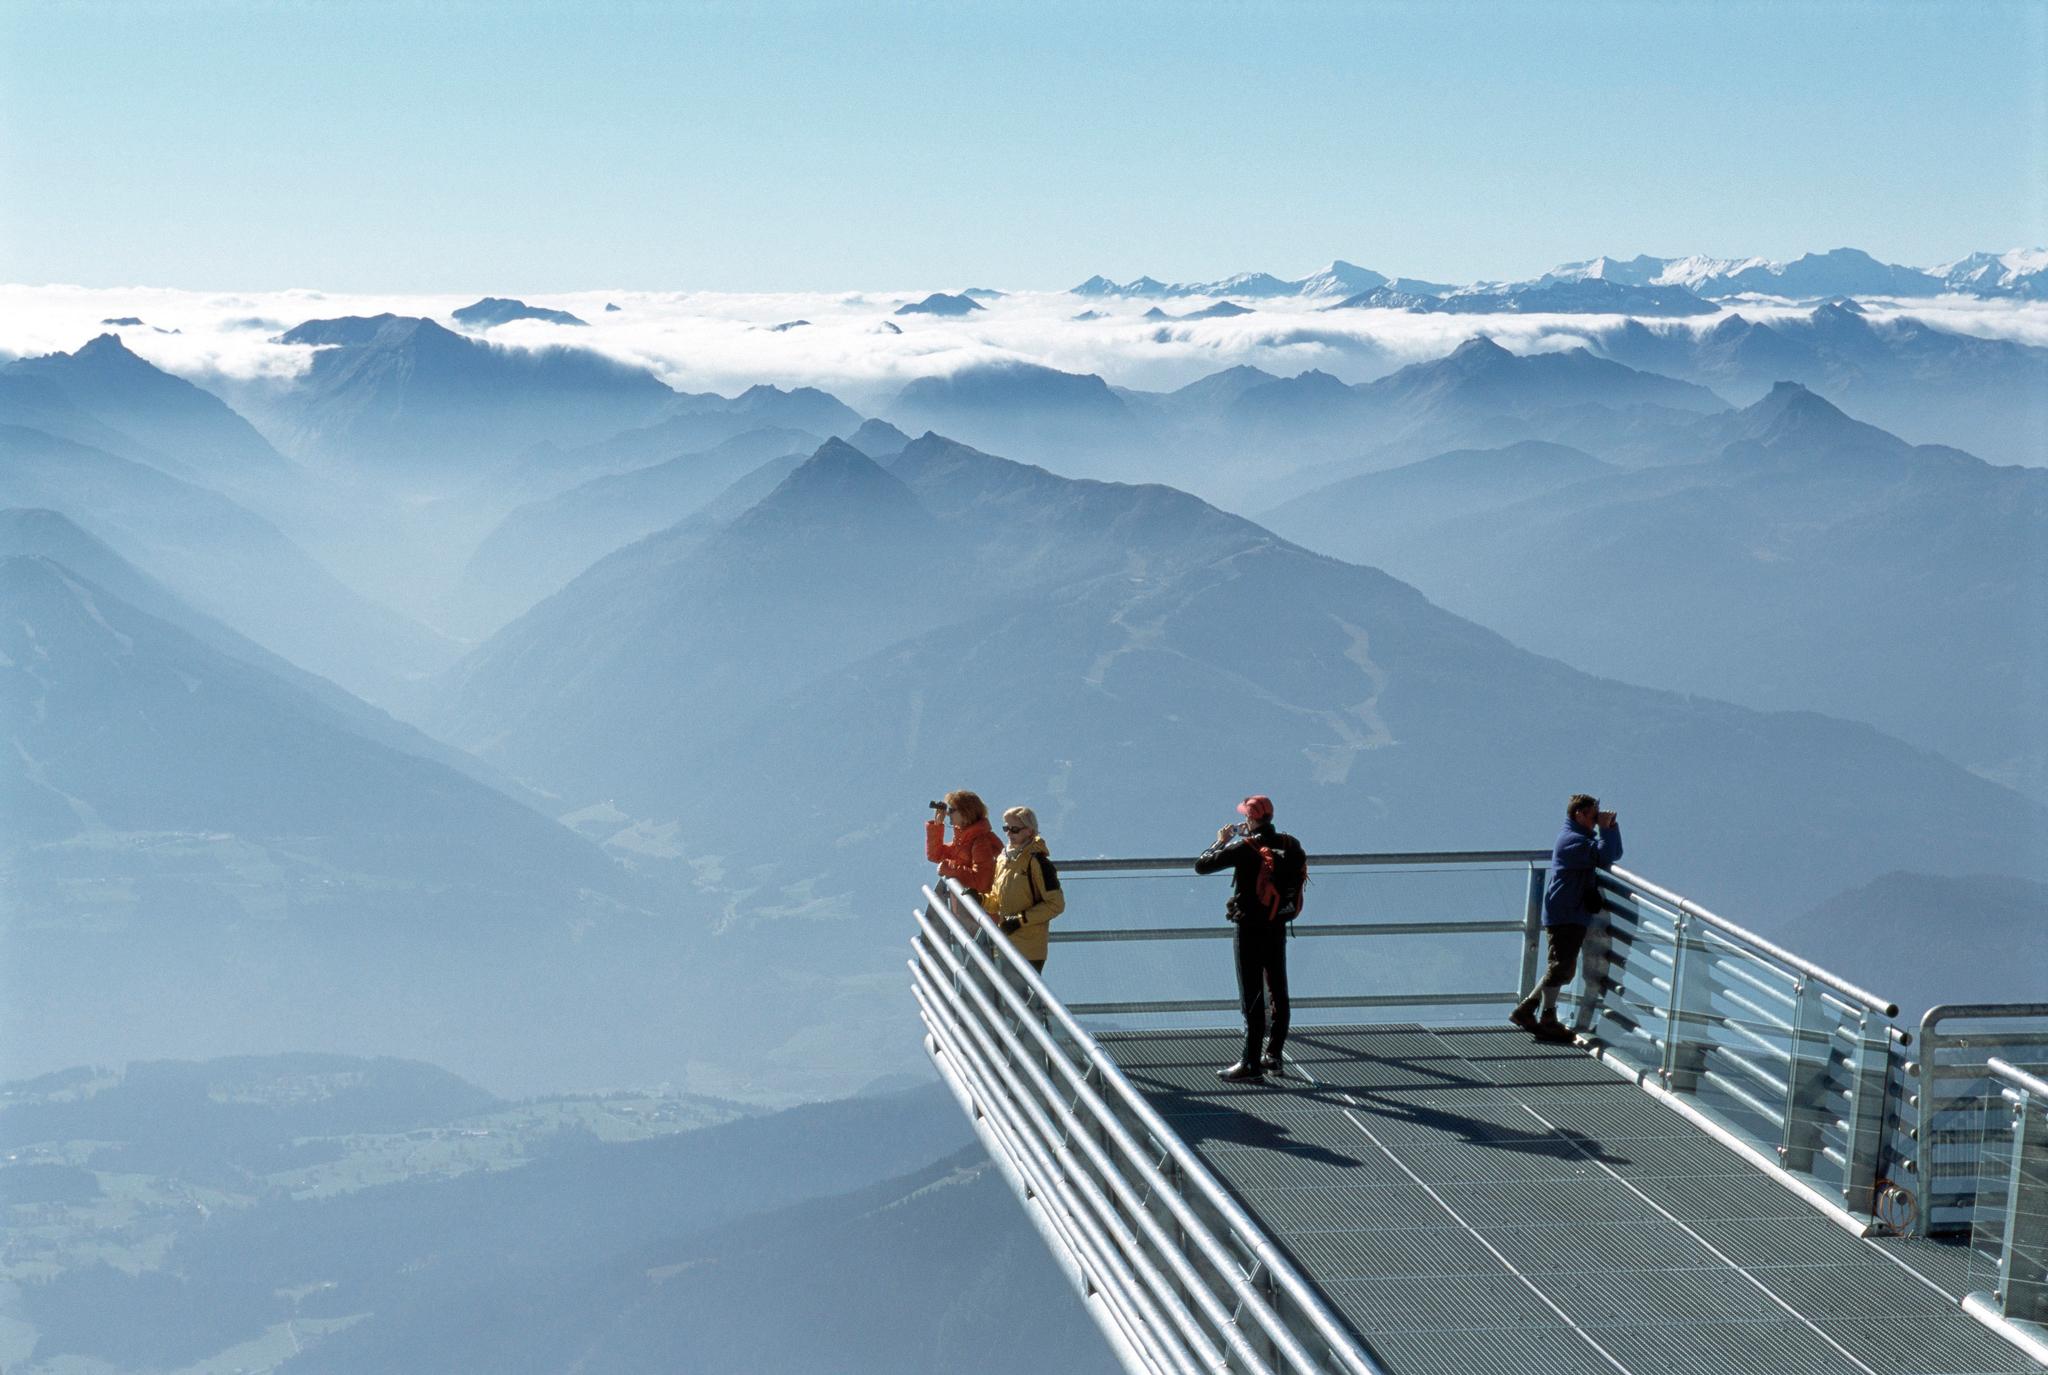 Die spektakulärste Aussichtsplattform derAlpen: der Skywalk am Dachstein 2.700 müber dem Meeresspiegel und atemberaubende Aussichten auf die Hohen Tauern und bei gutem Wetter bis zu den Julischen Alpen in Slowenien nach Süden und nach Tschechien gegen Norden. © Hotel Matschner